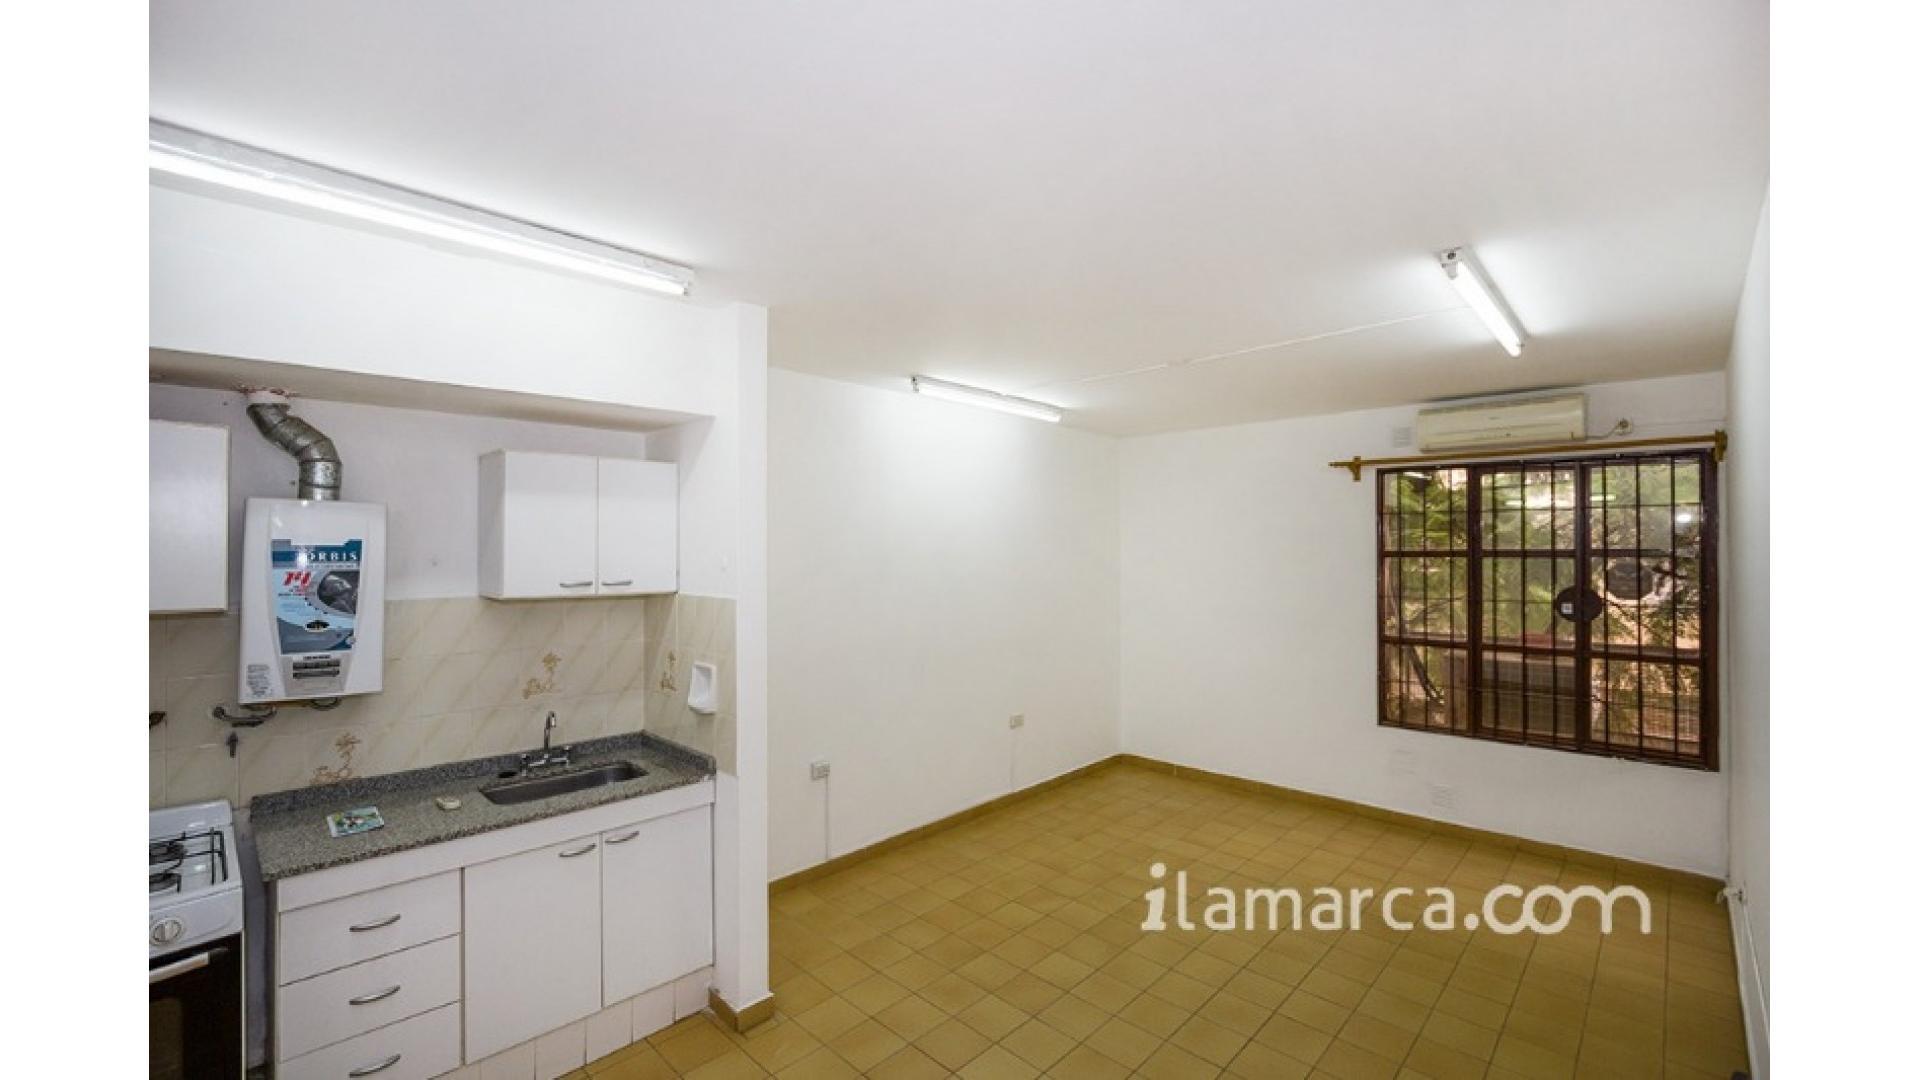 Dpto Centro Alquiler 1 dorm. Chaco 123 $6.000